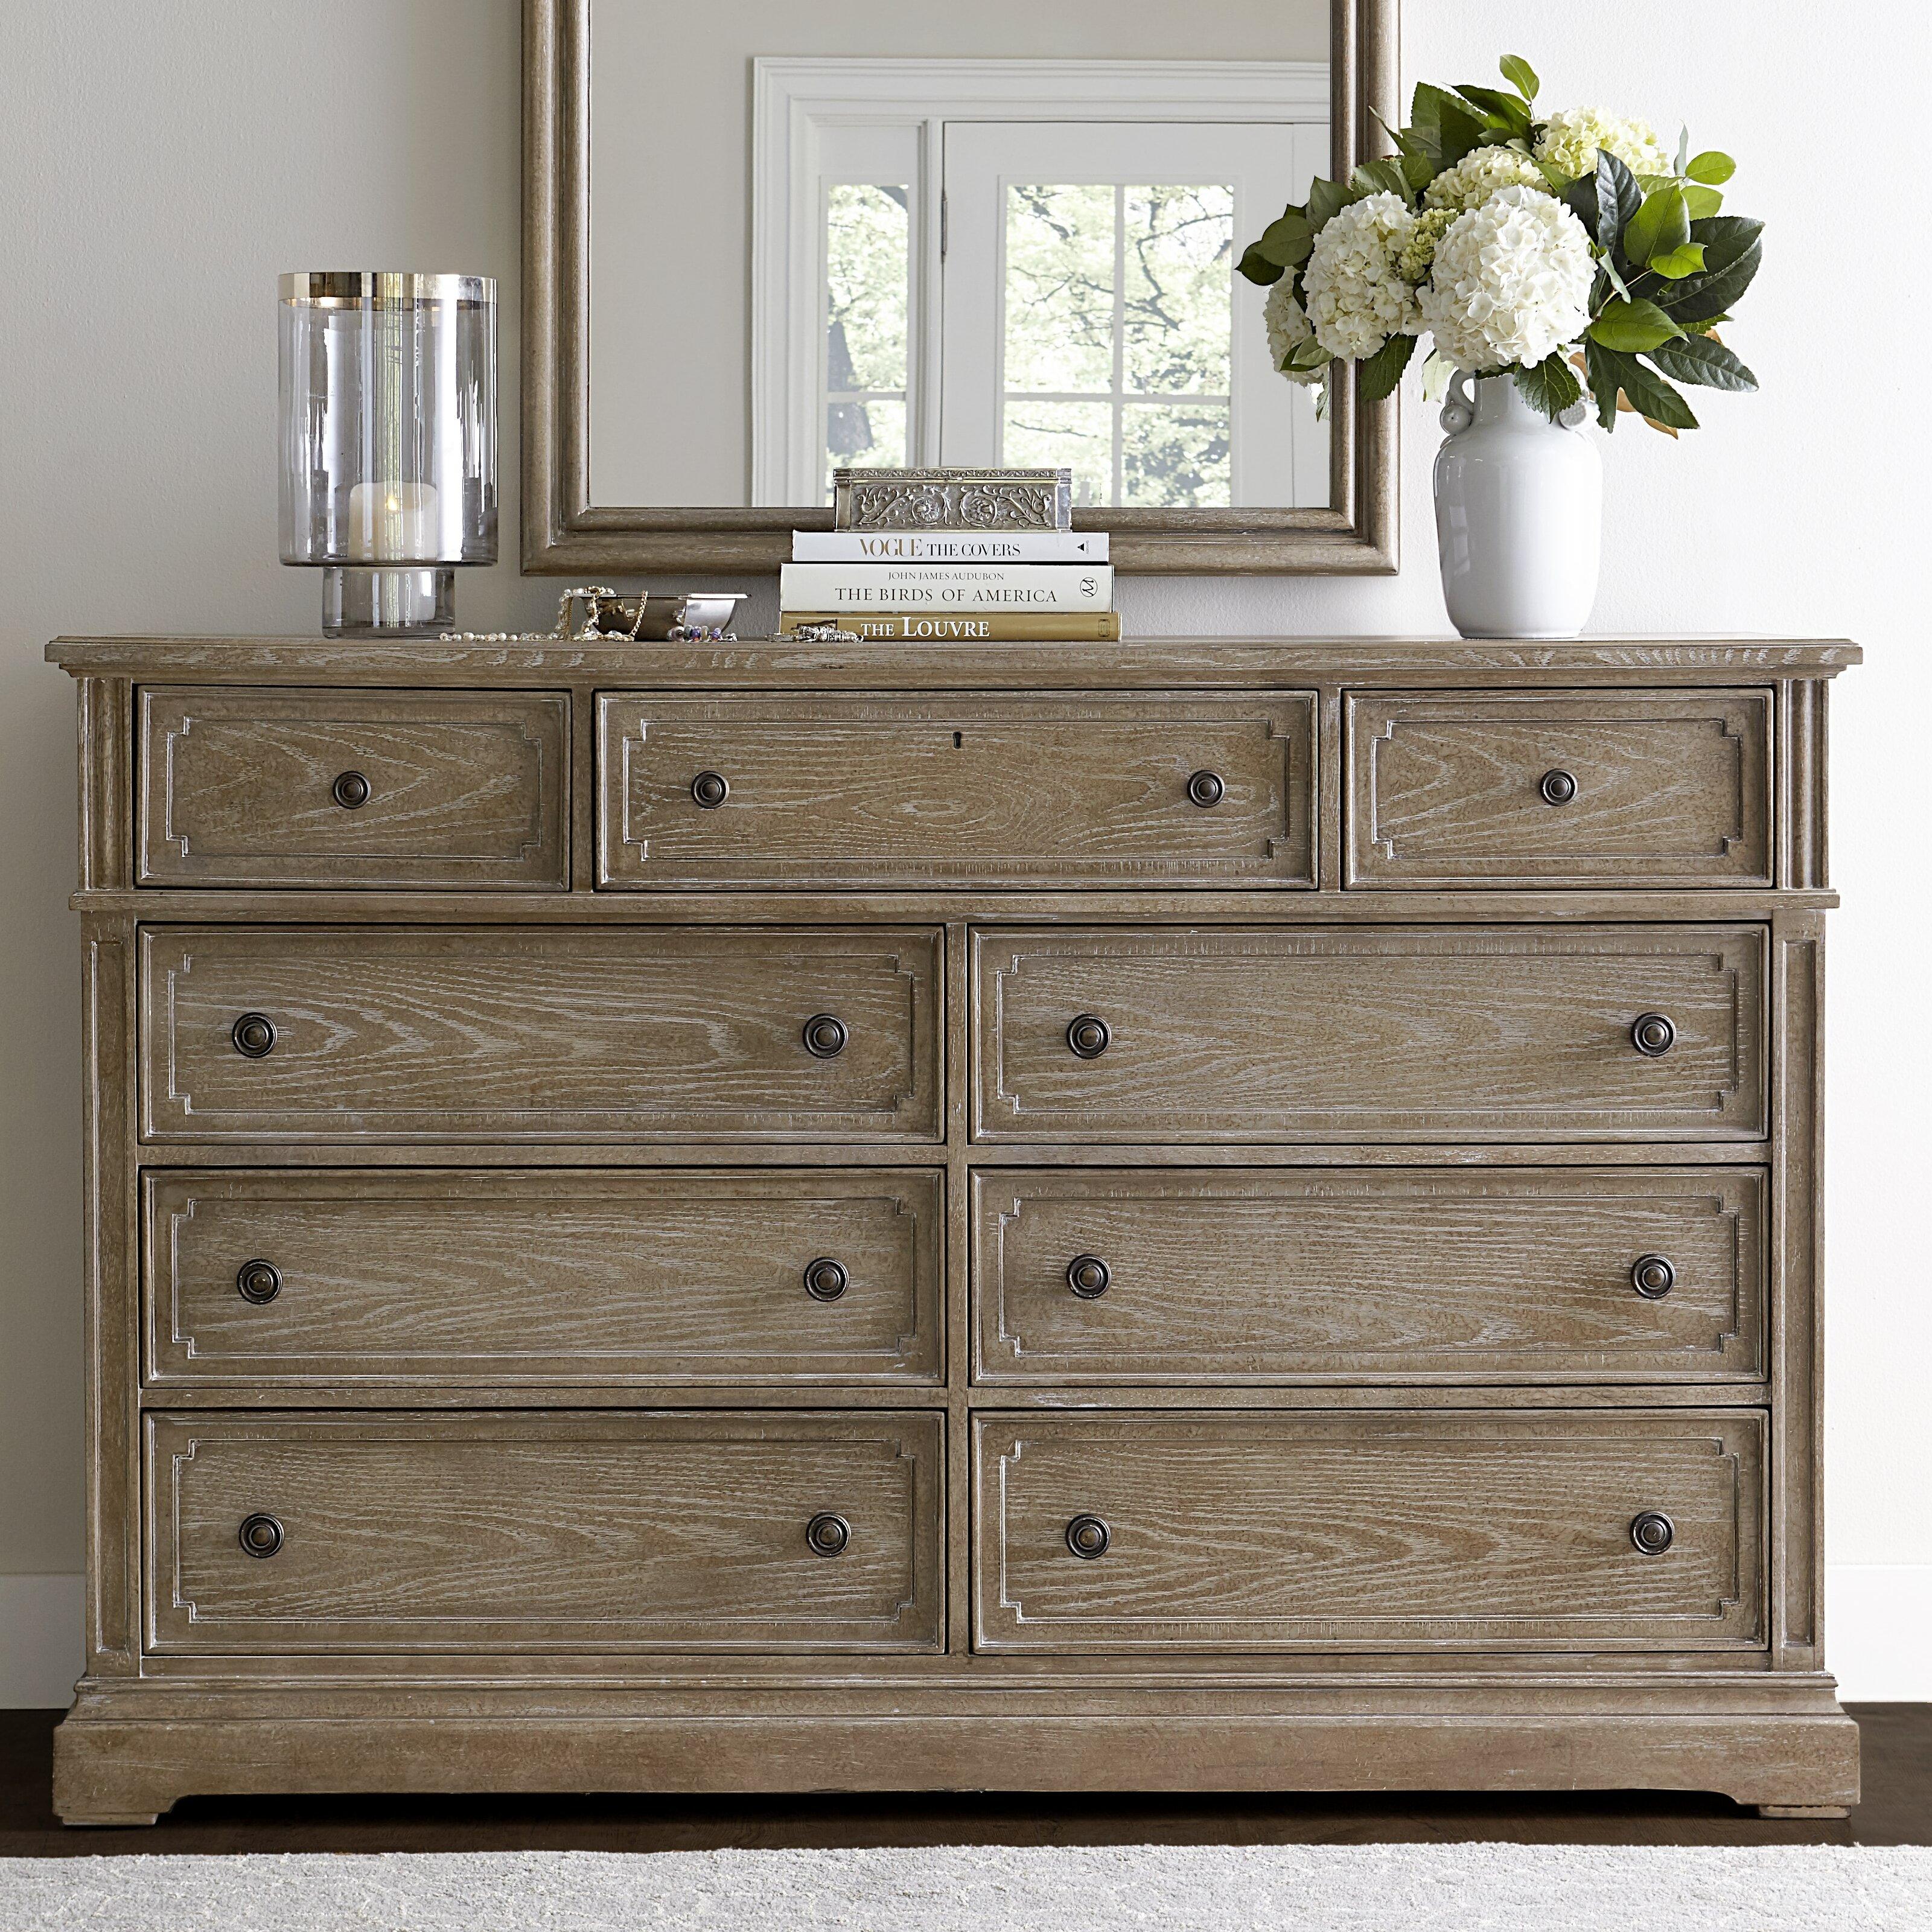 stanley wethersfield estate upholstered customizable stanley furniture virage panel bed bedroom set sl6966340set